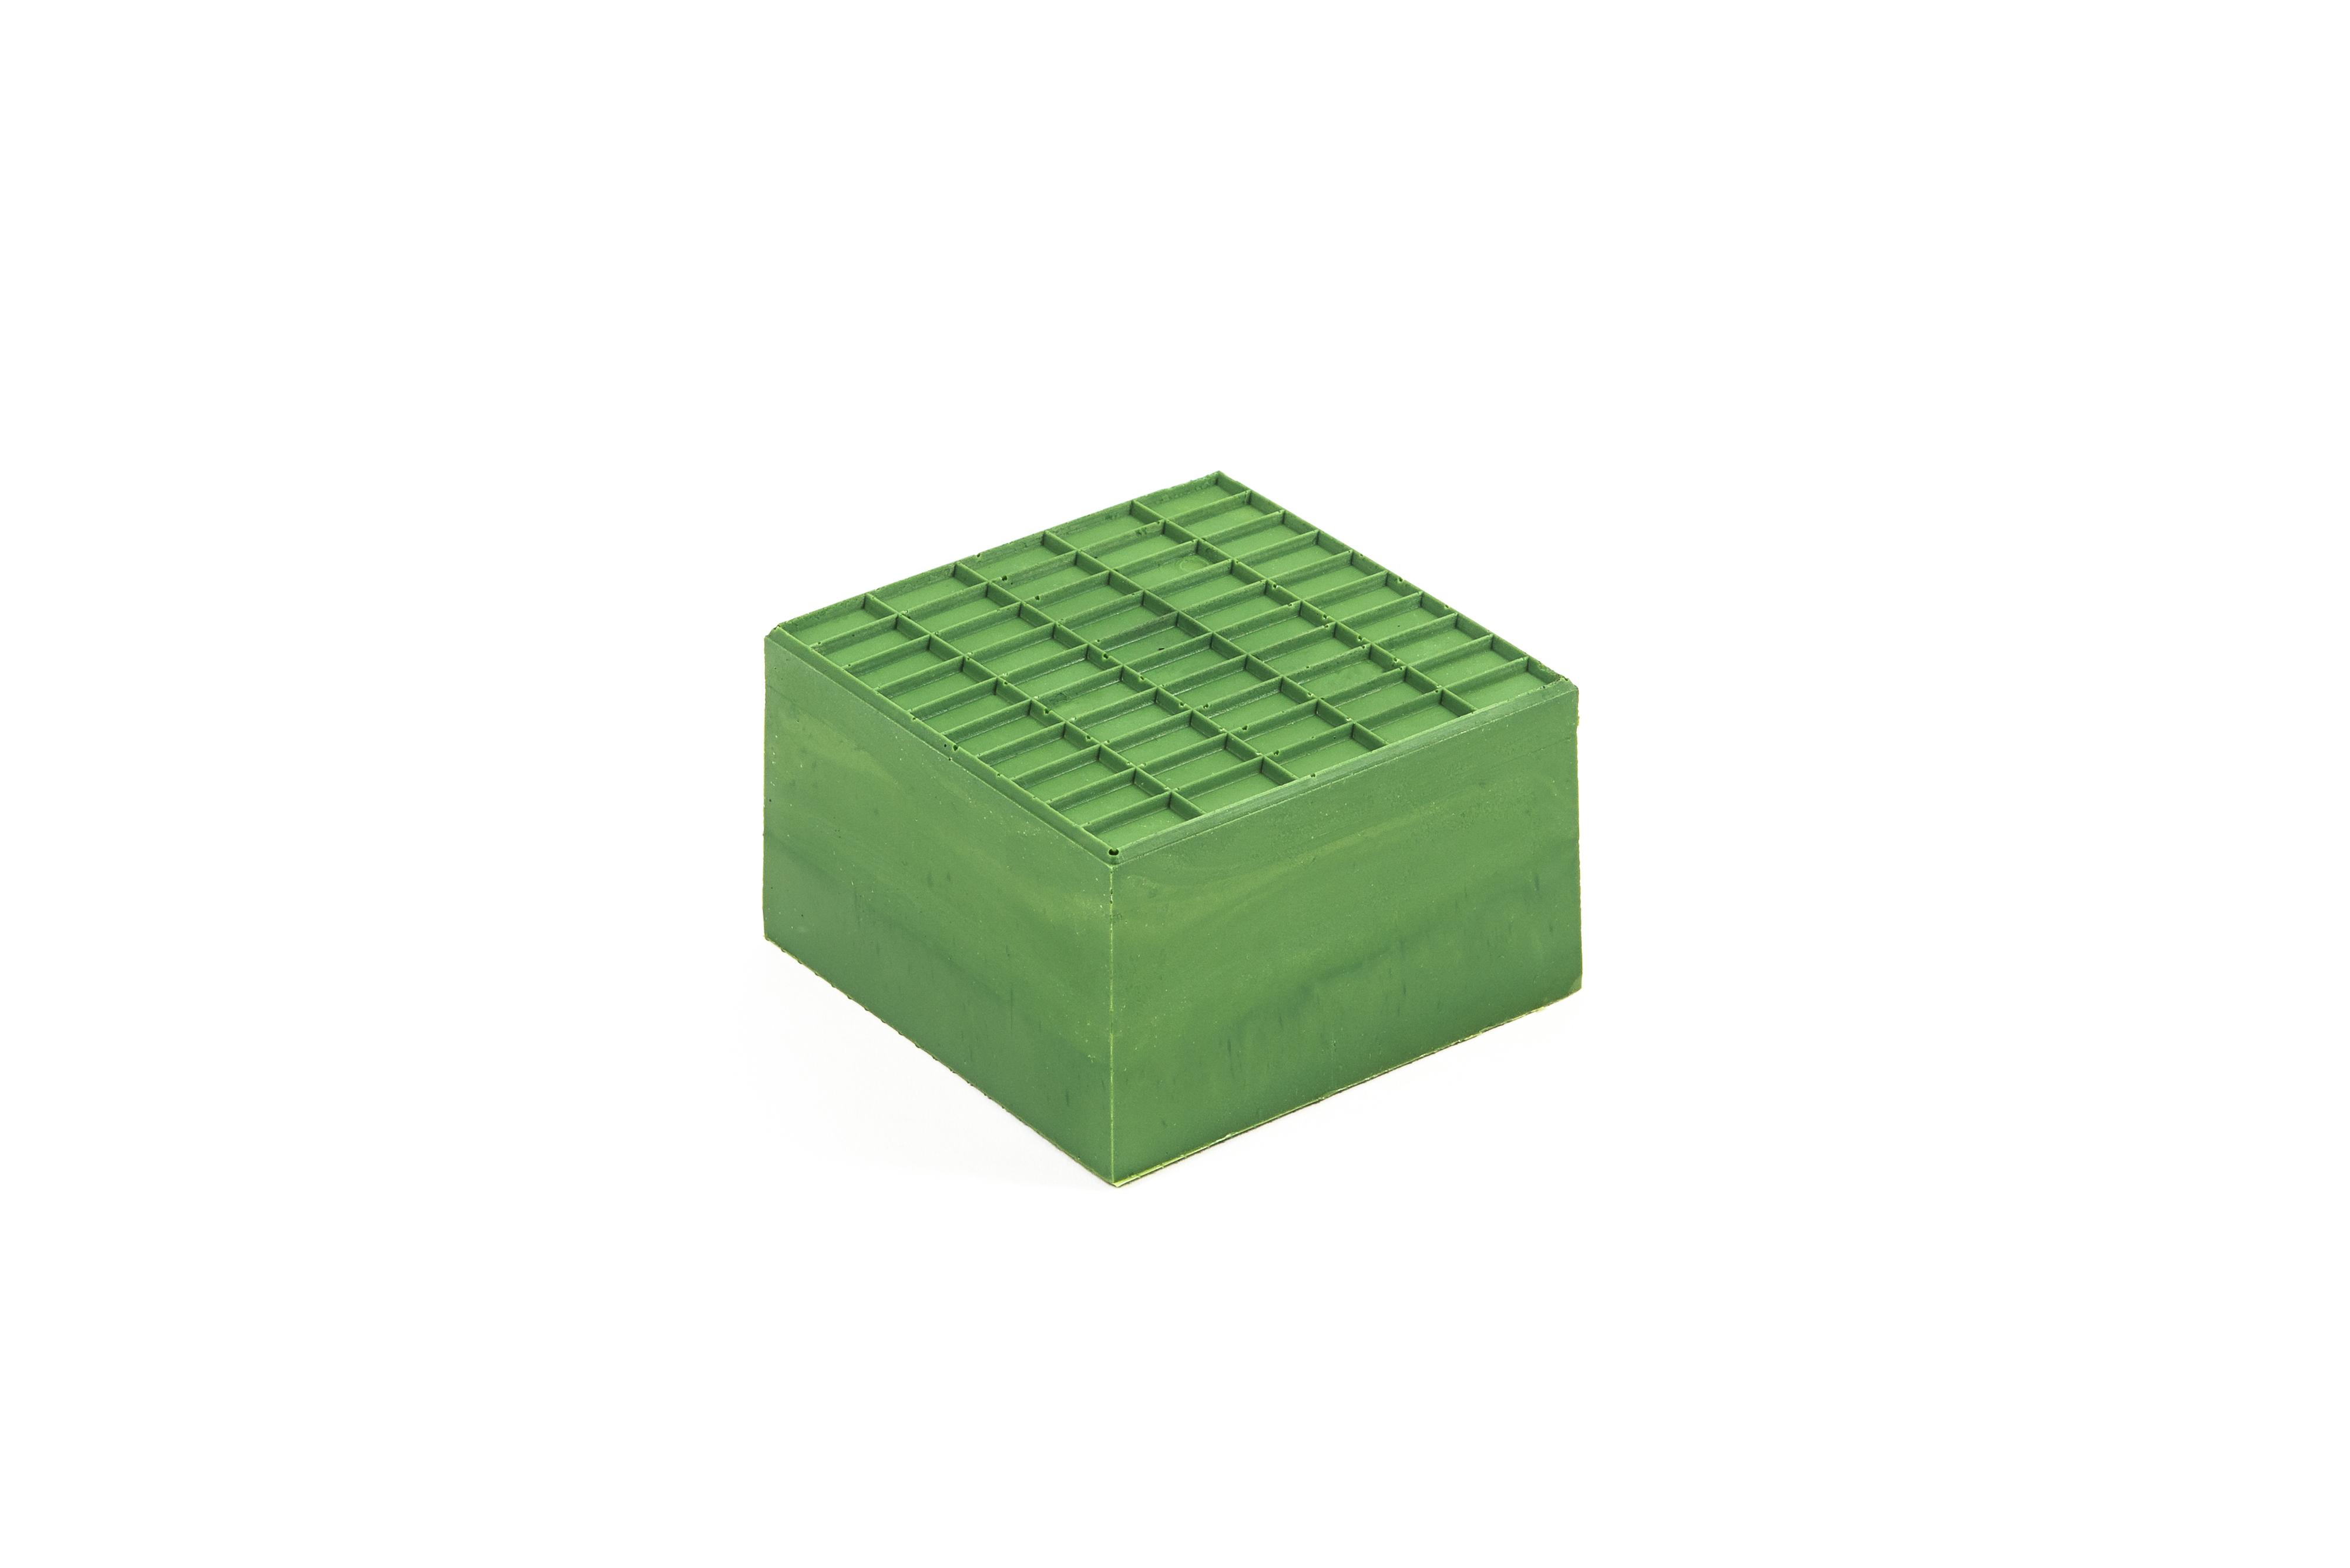 MT 100x100x60 lyftkloss GreenLine